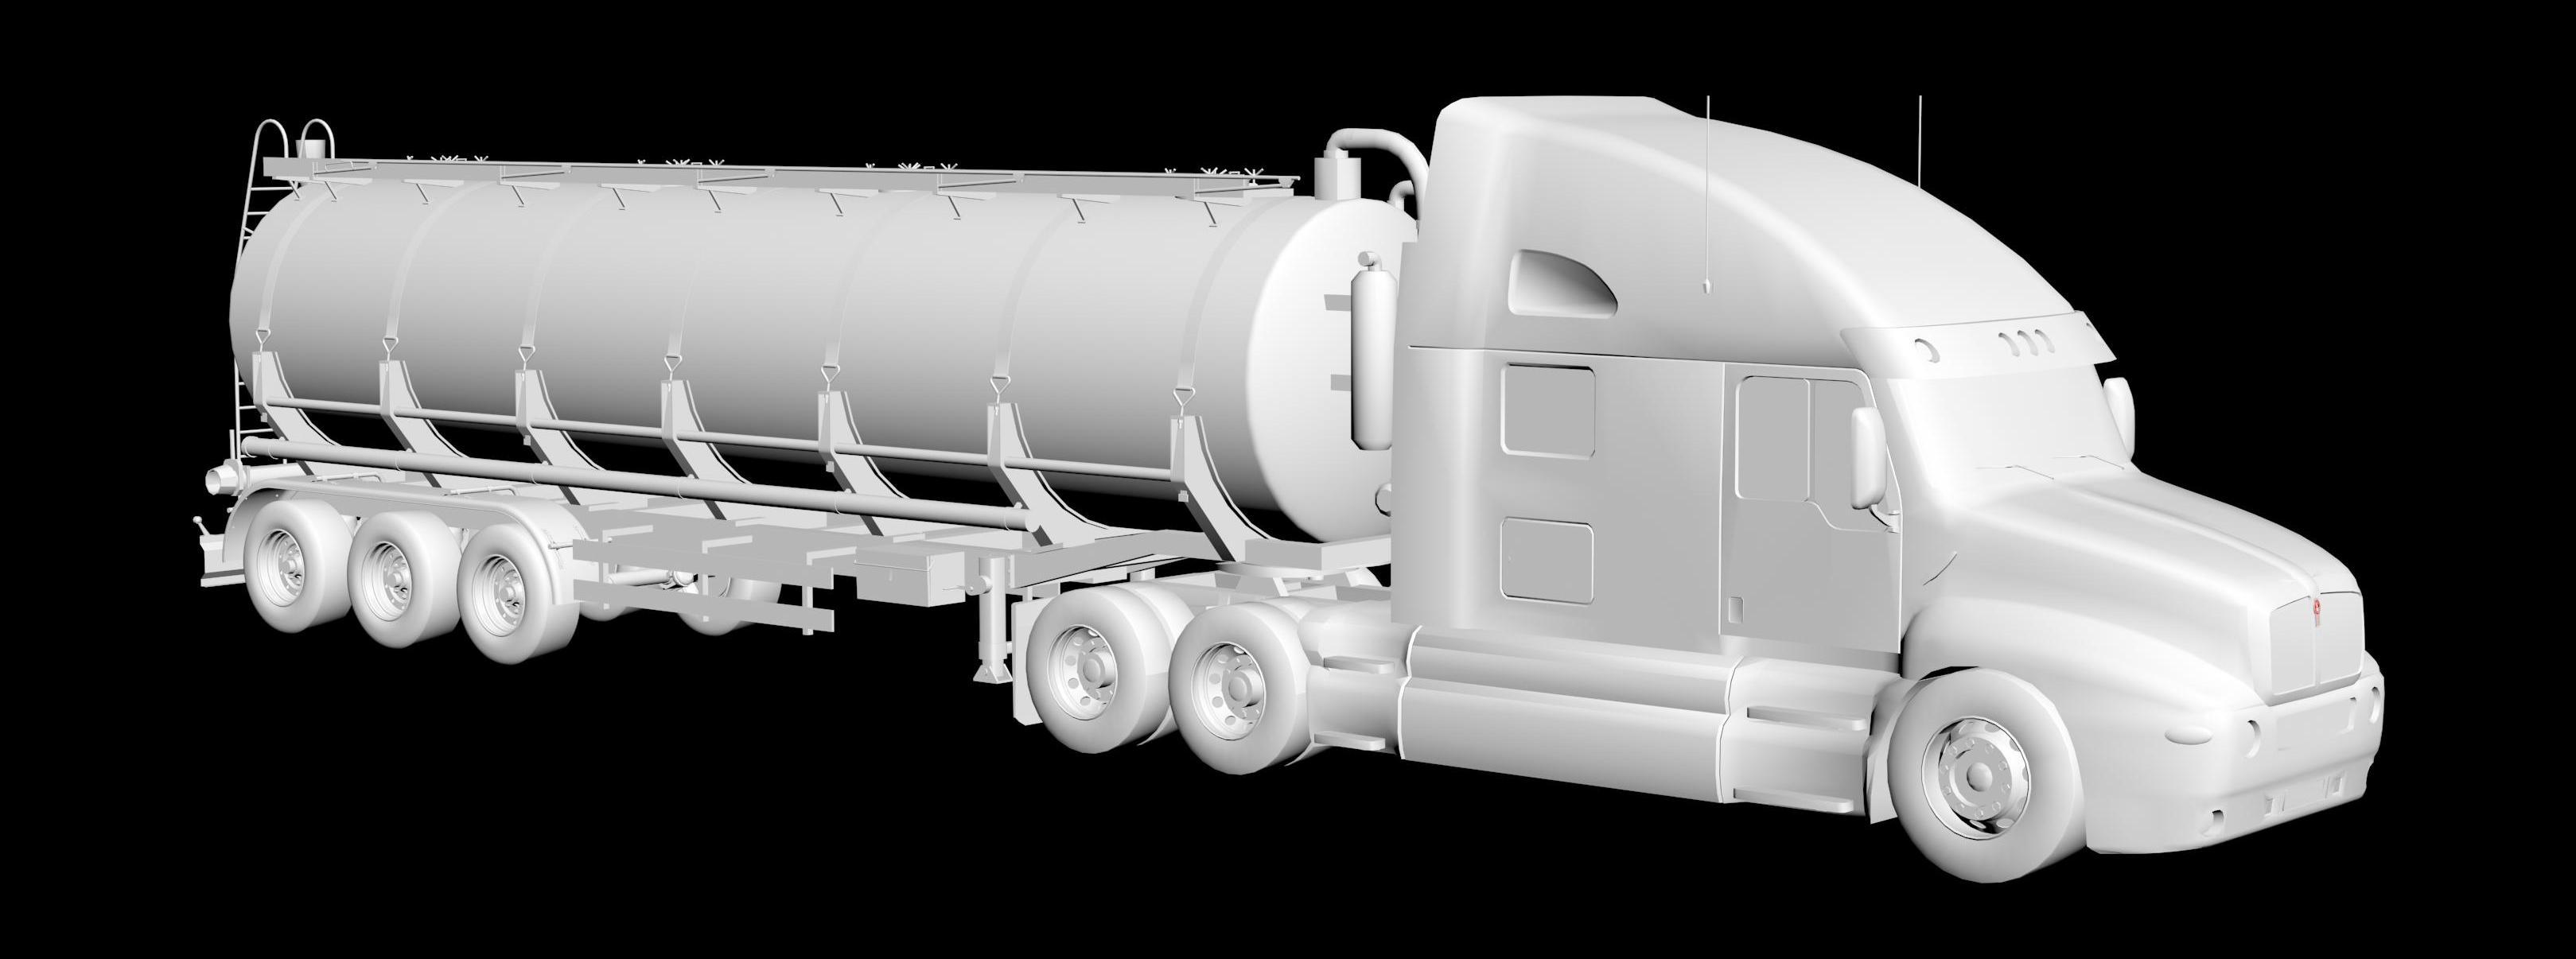 [Encuesta][T.E.P.] Proyecto Aguas Tenias (22 modelos + 1 Camión) [Terminado 21-4-2014]. - Página 5 60modsd